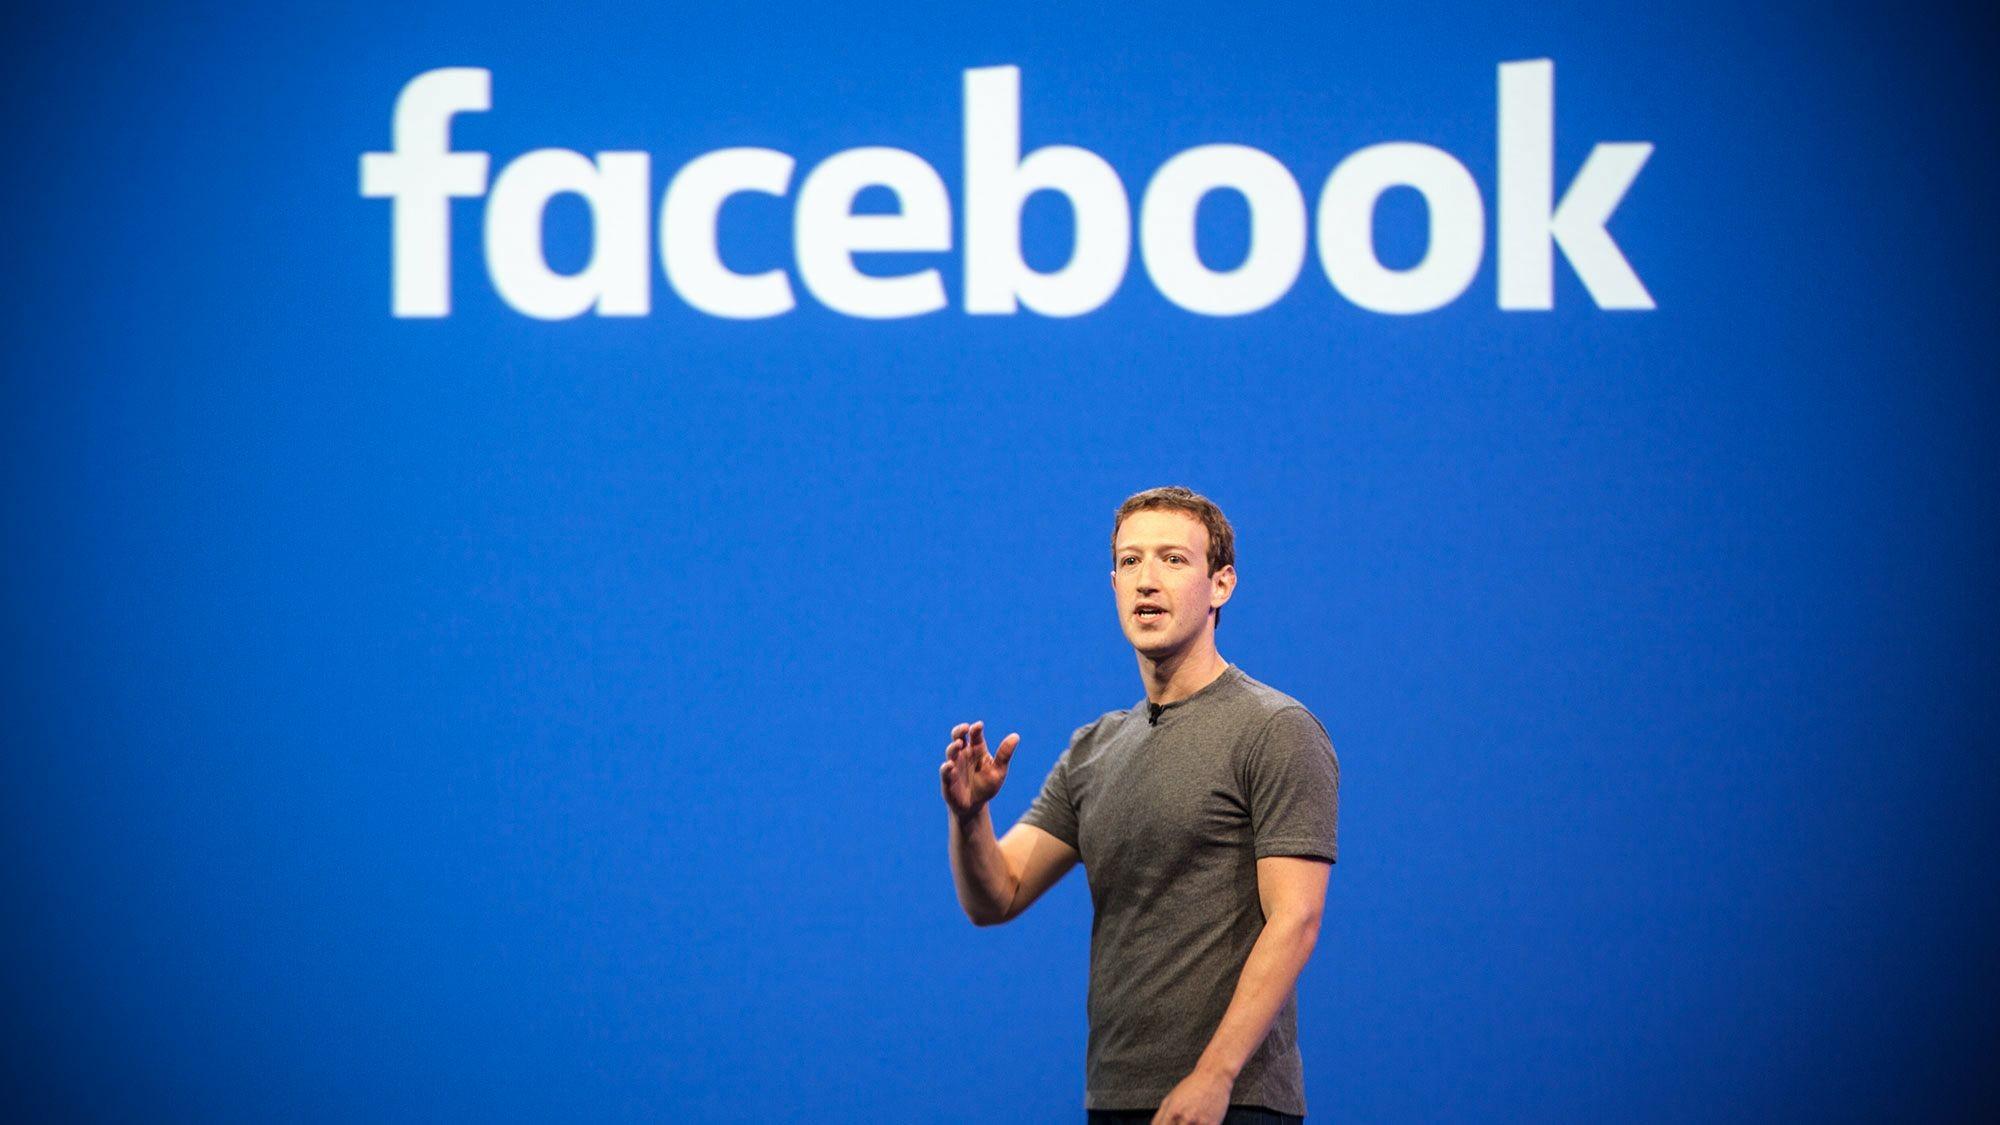 आफ्ना सबै स्थाई कर्मचारीहरुलाई १ हजार डलर बोनस  दिने फेसबुककाे घाेषणा